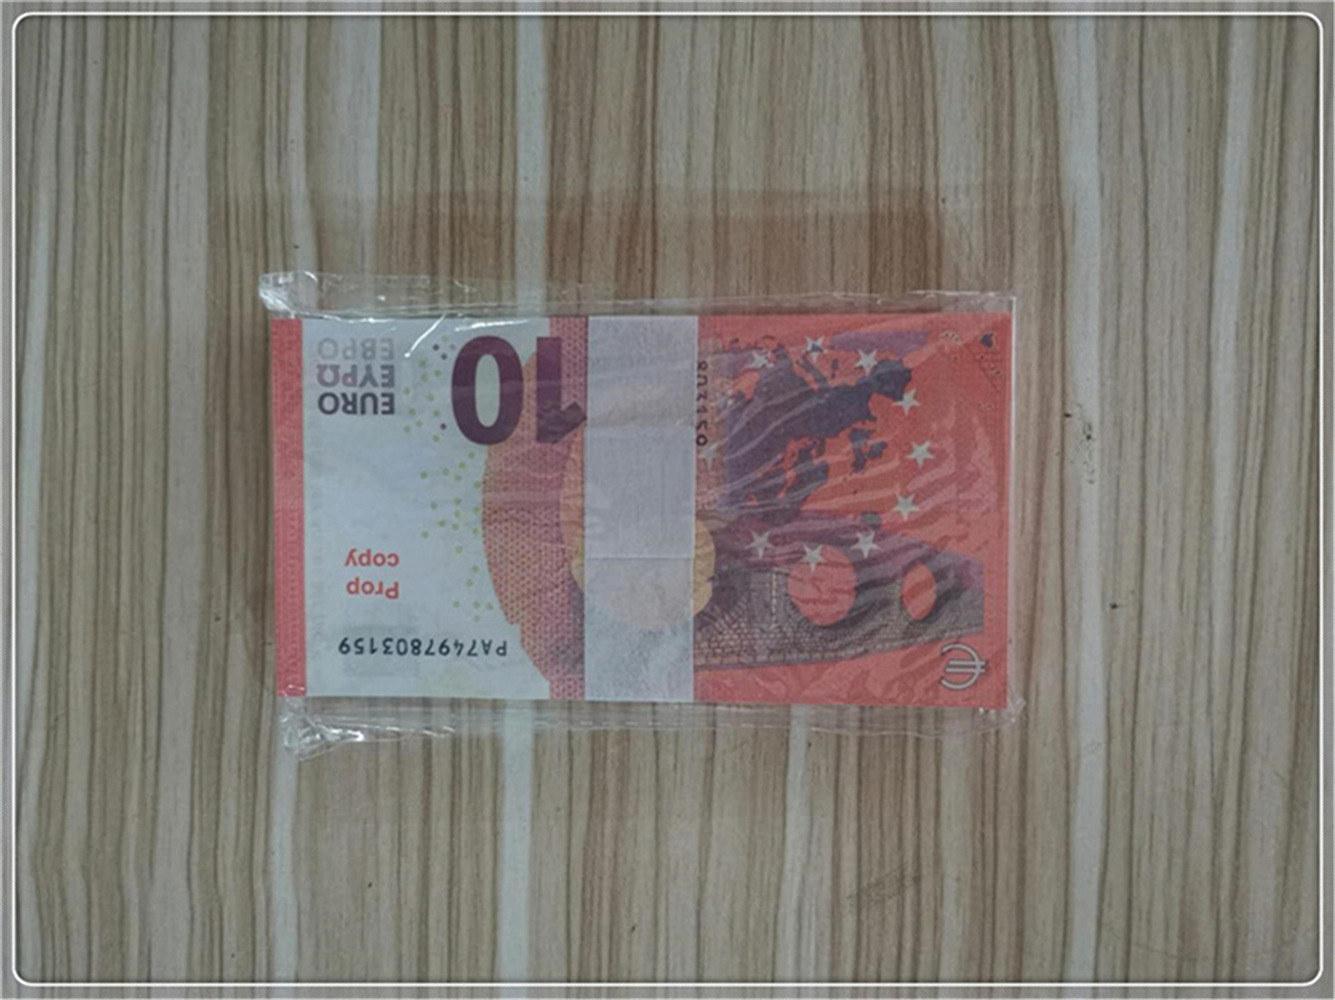 Billet de barre de billette Pound Pound Pound Dollar Euro Props Film Femme Faux Props Tirage et TV Monnaie iWhfo Le10-8 Money GDuxi